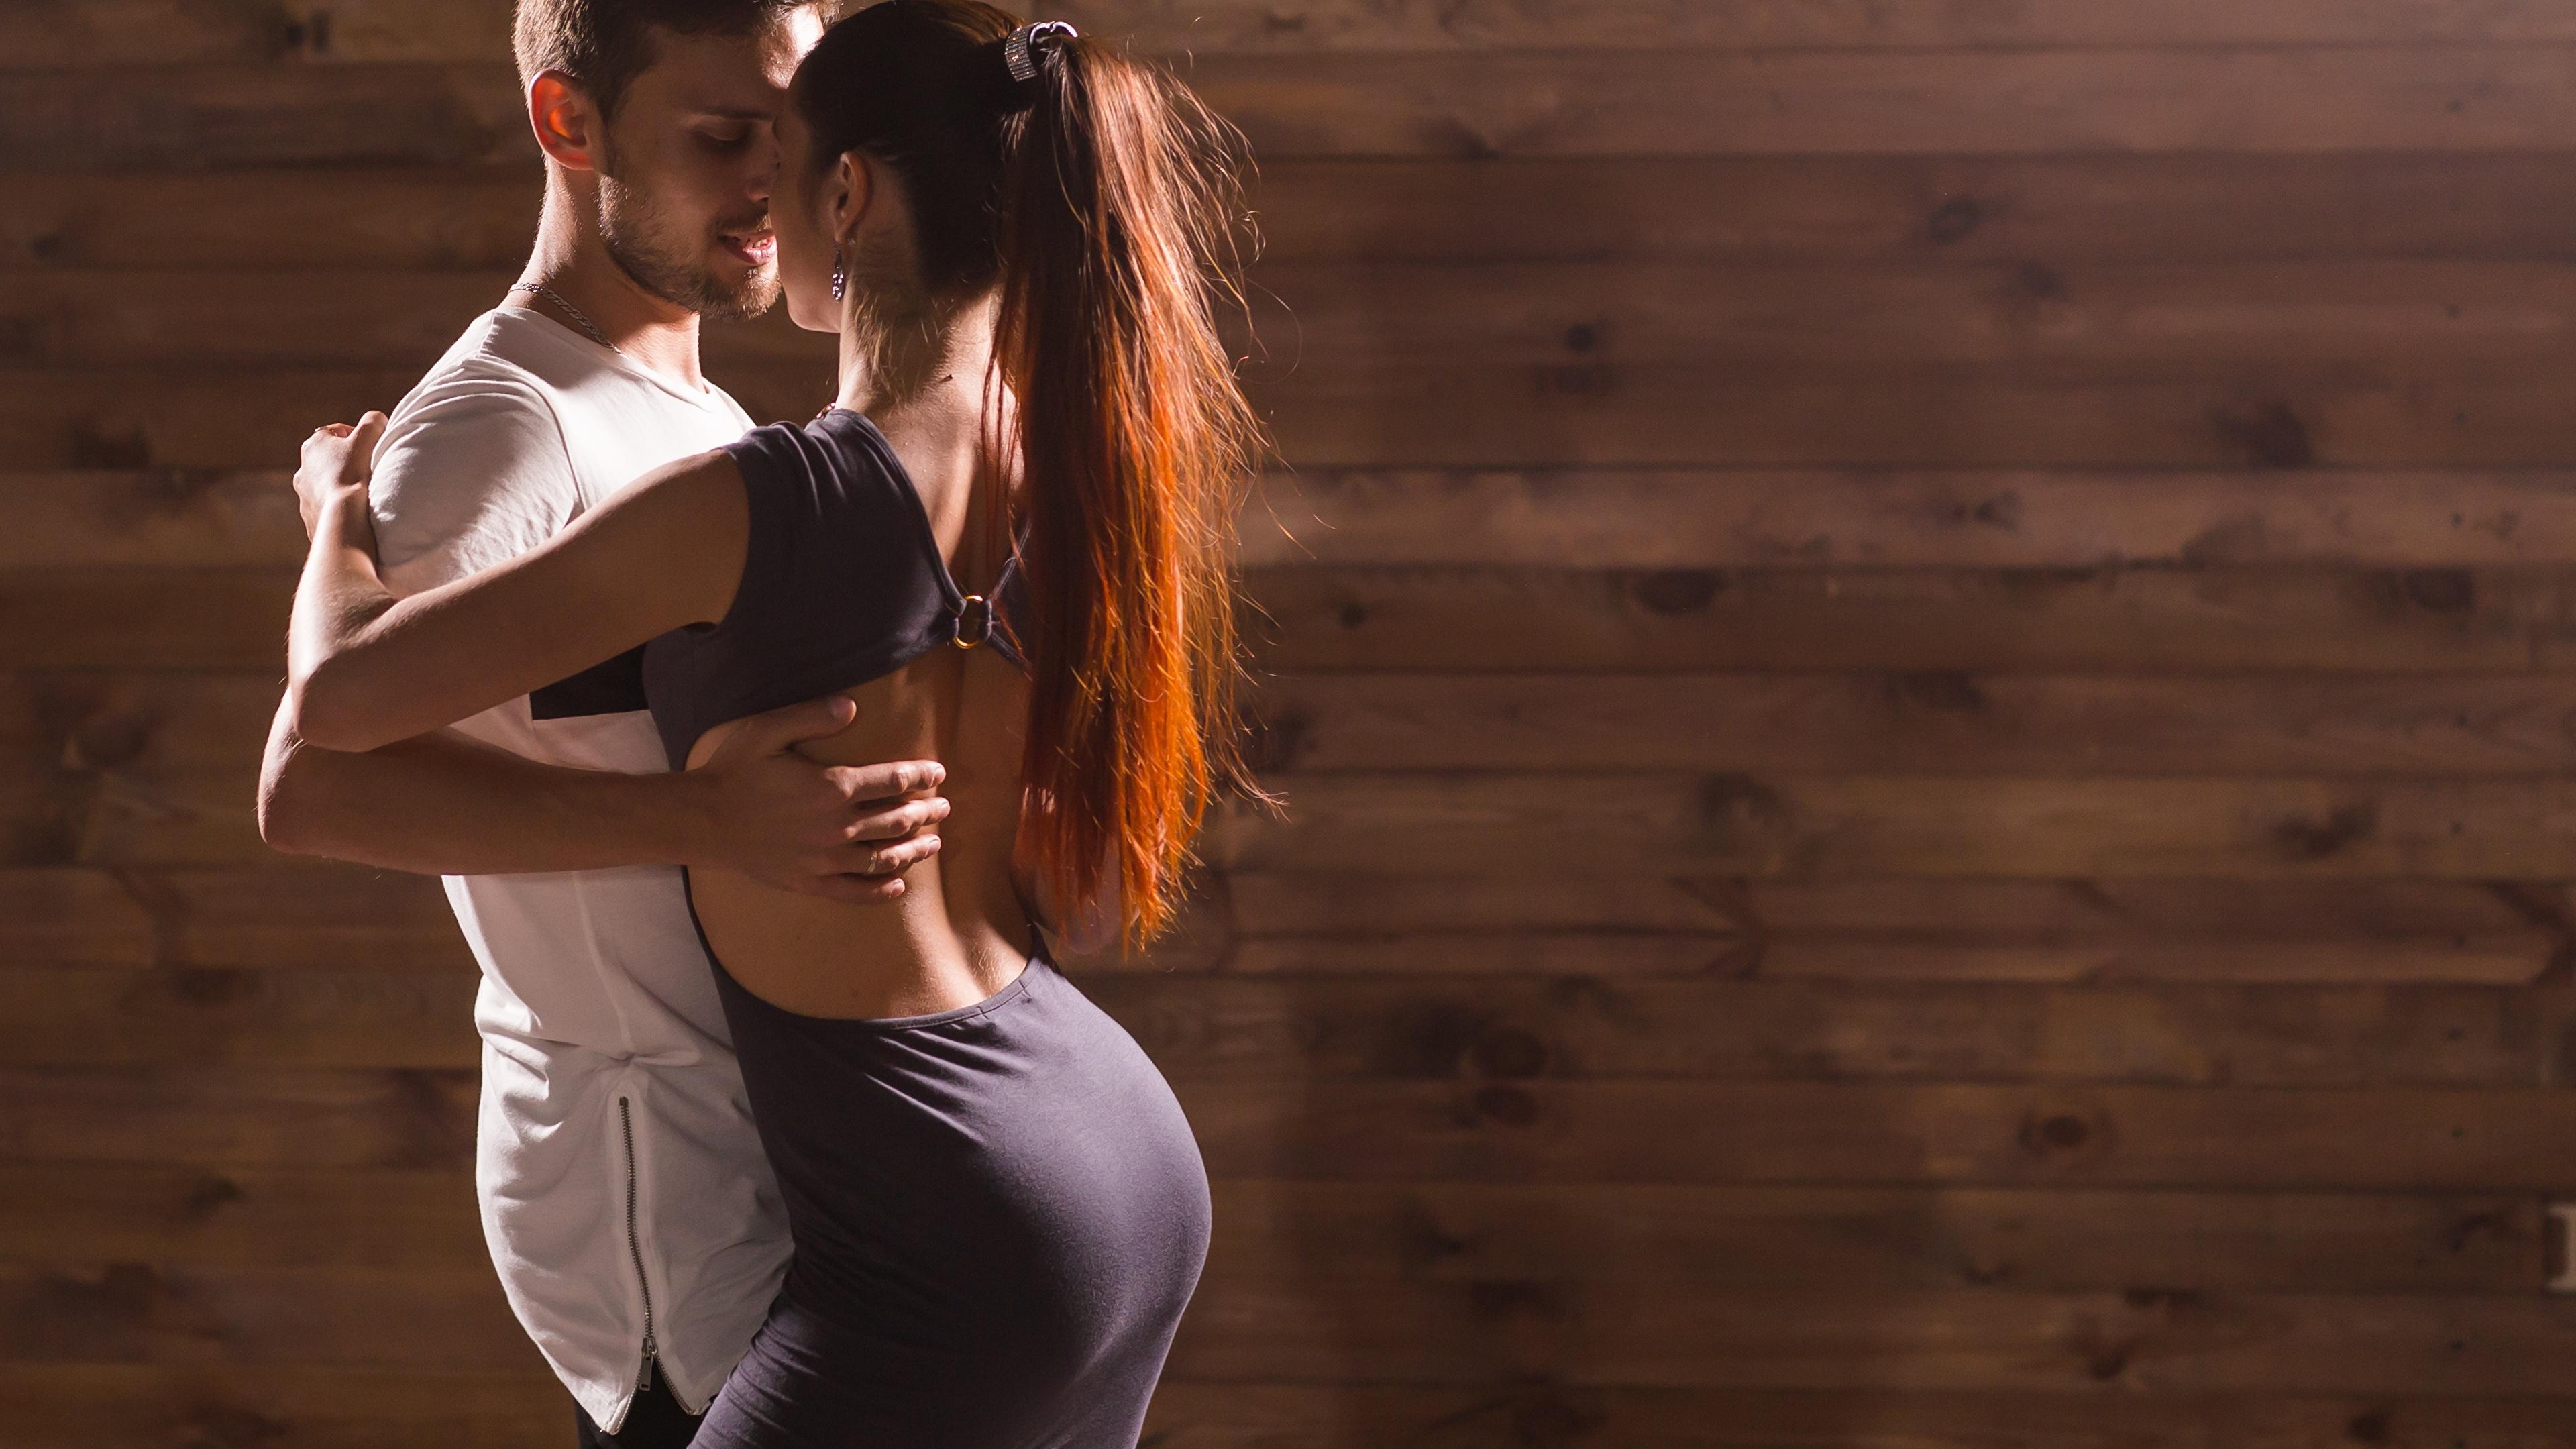 Картинка Мужчины любовники танцует два девушка 3840x2160 мужчина Влюбленные пары Танцы танцуют 2 две Двое вдвоем Девушки молодая женщина молодые женщины